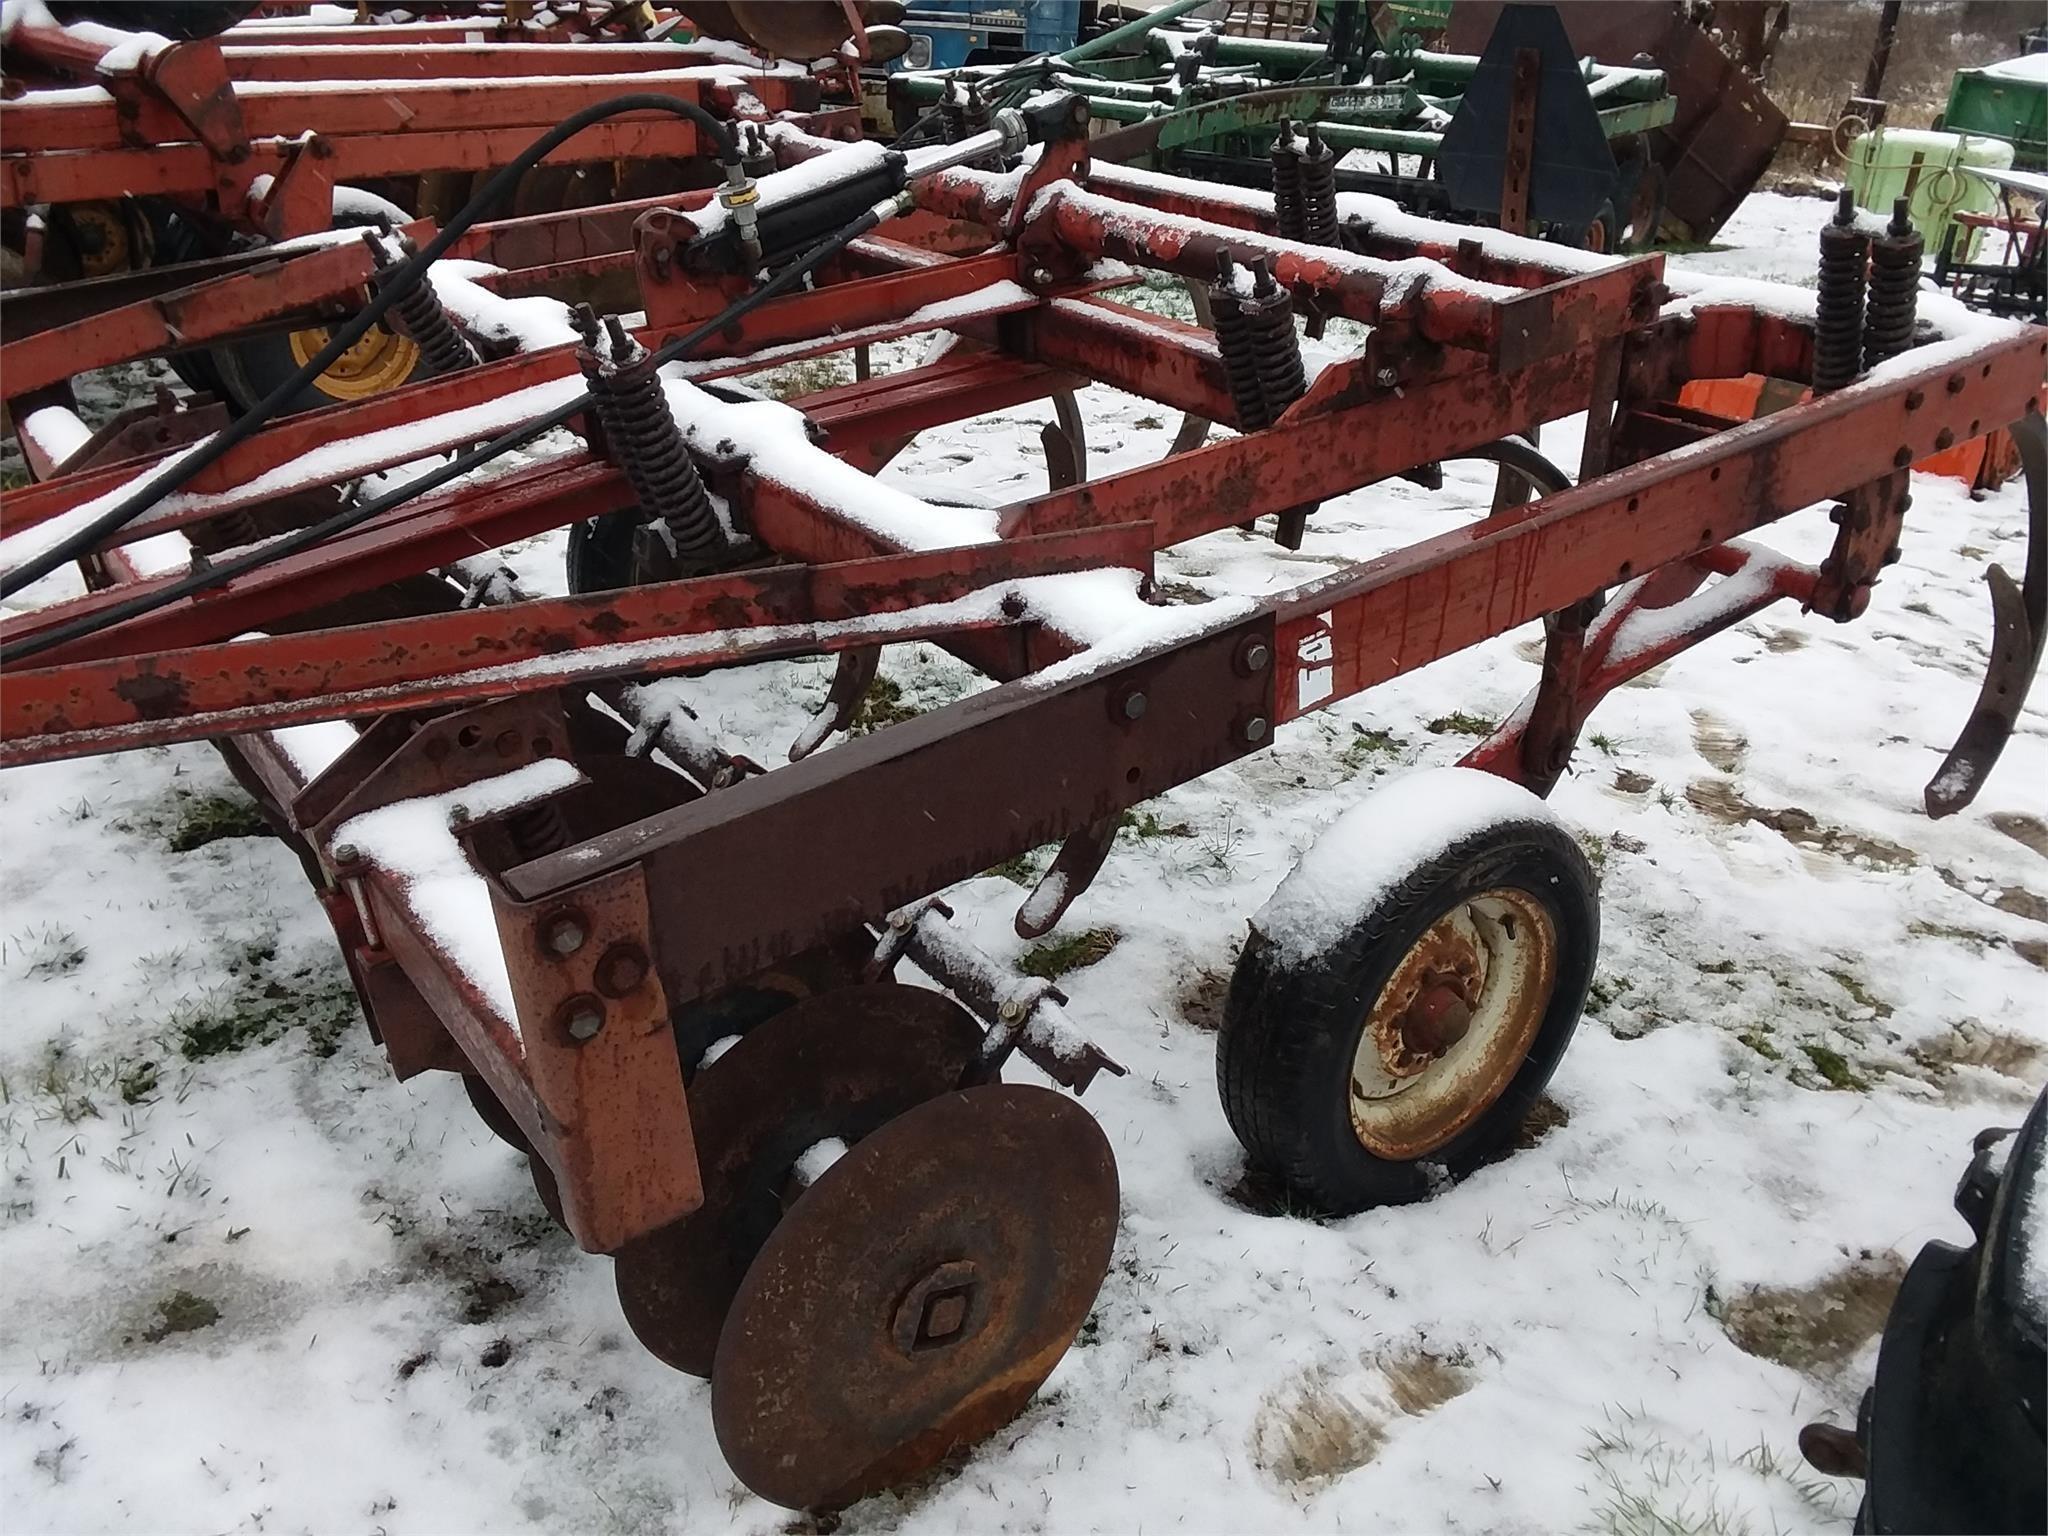 International Harvester 5500 Chisel Plow